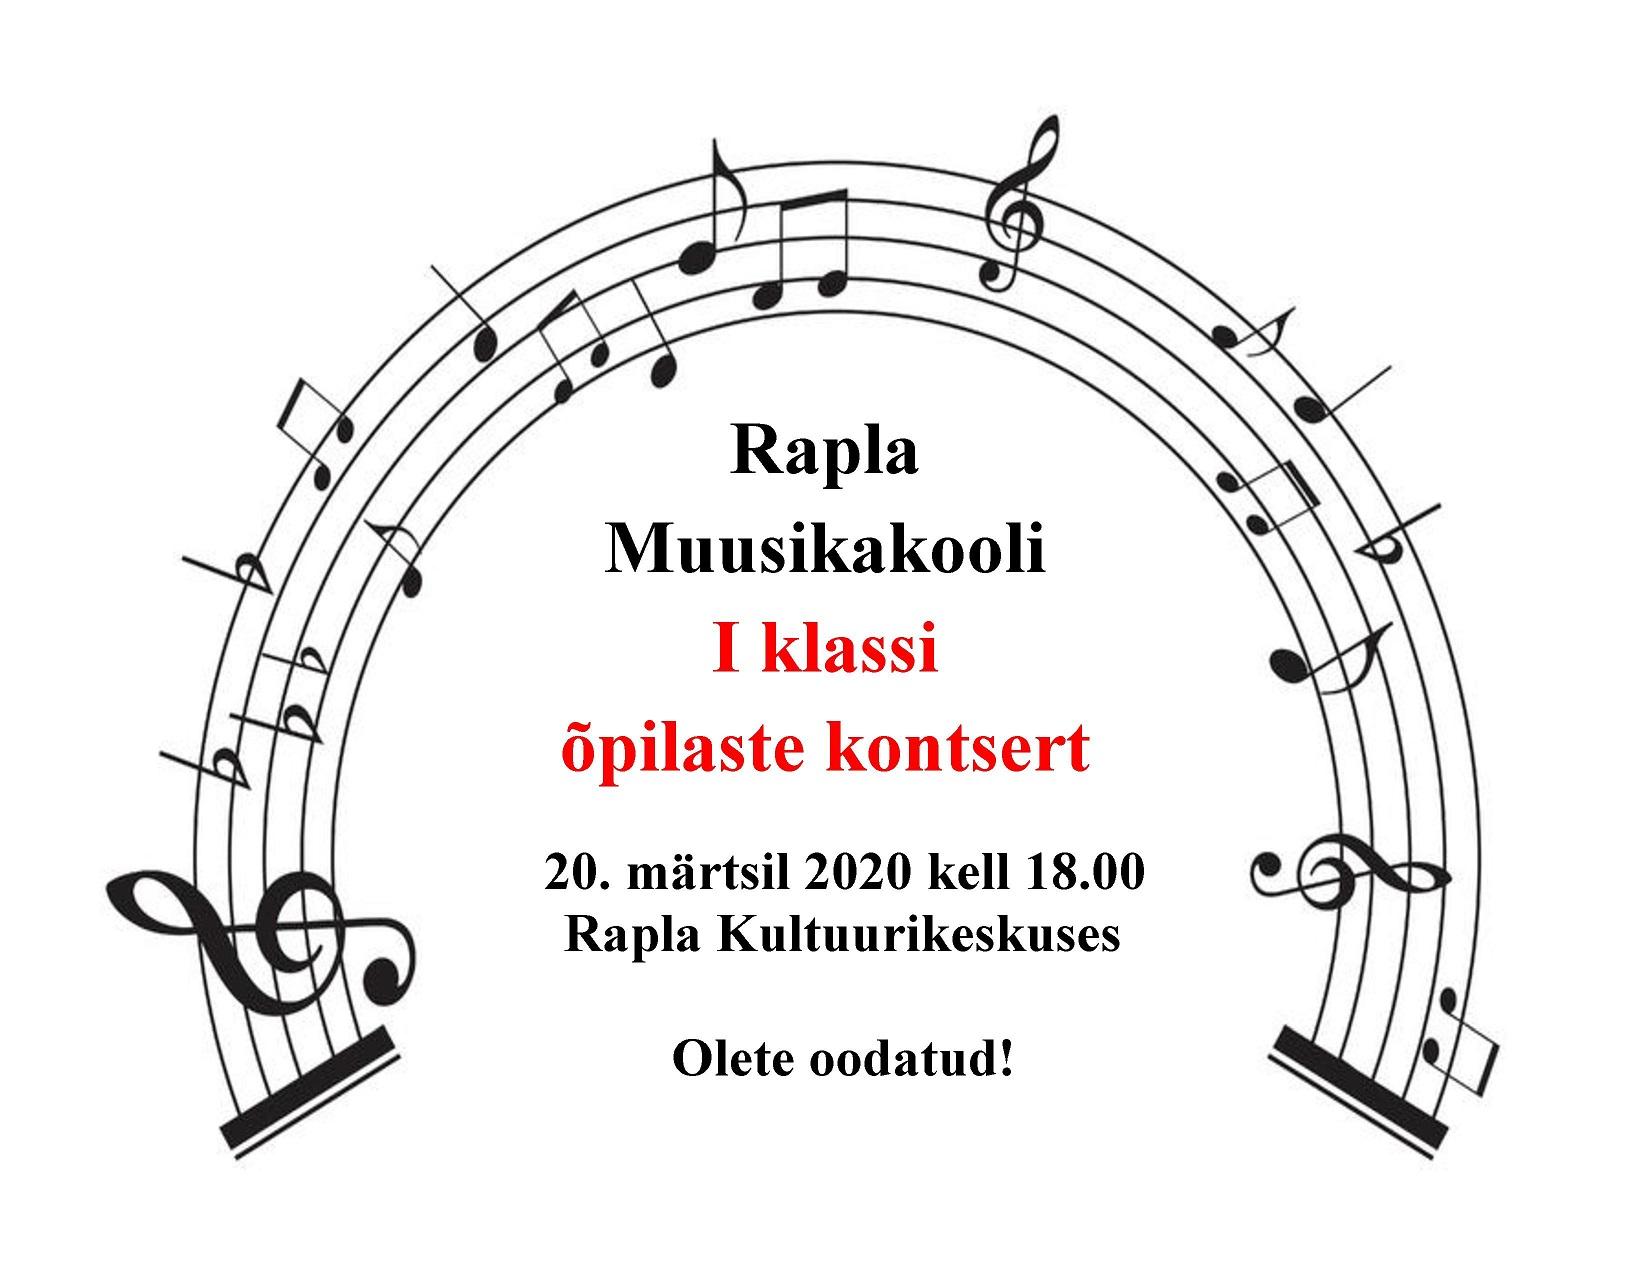 Rapla Muusikakooli I klassi kontsert - jääb ära!